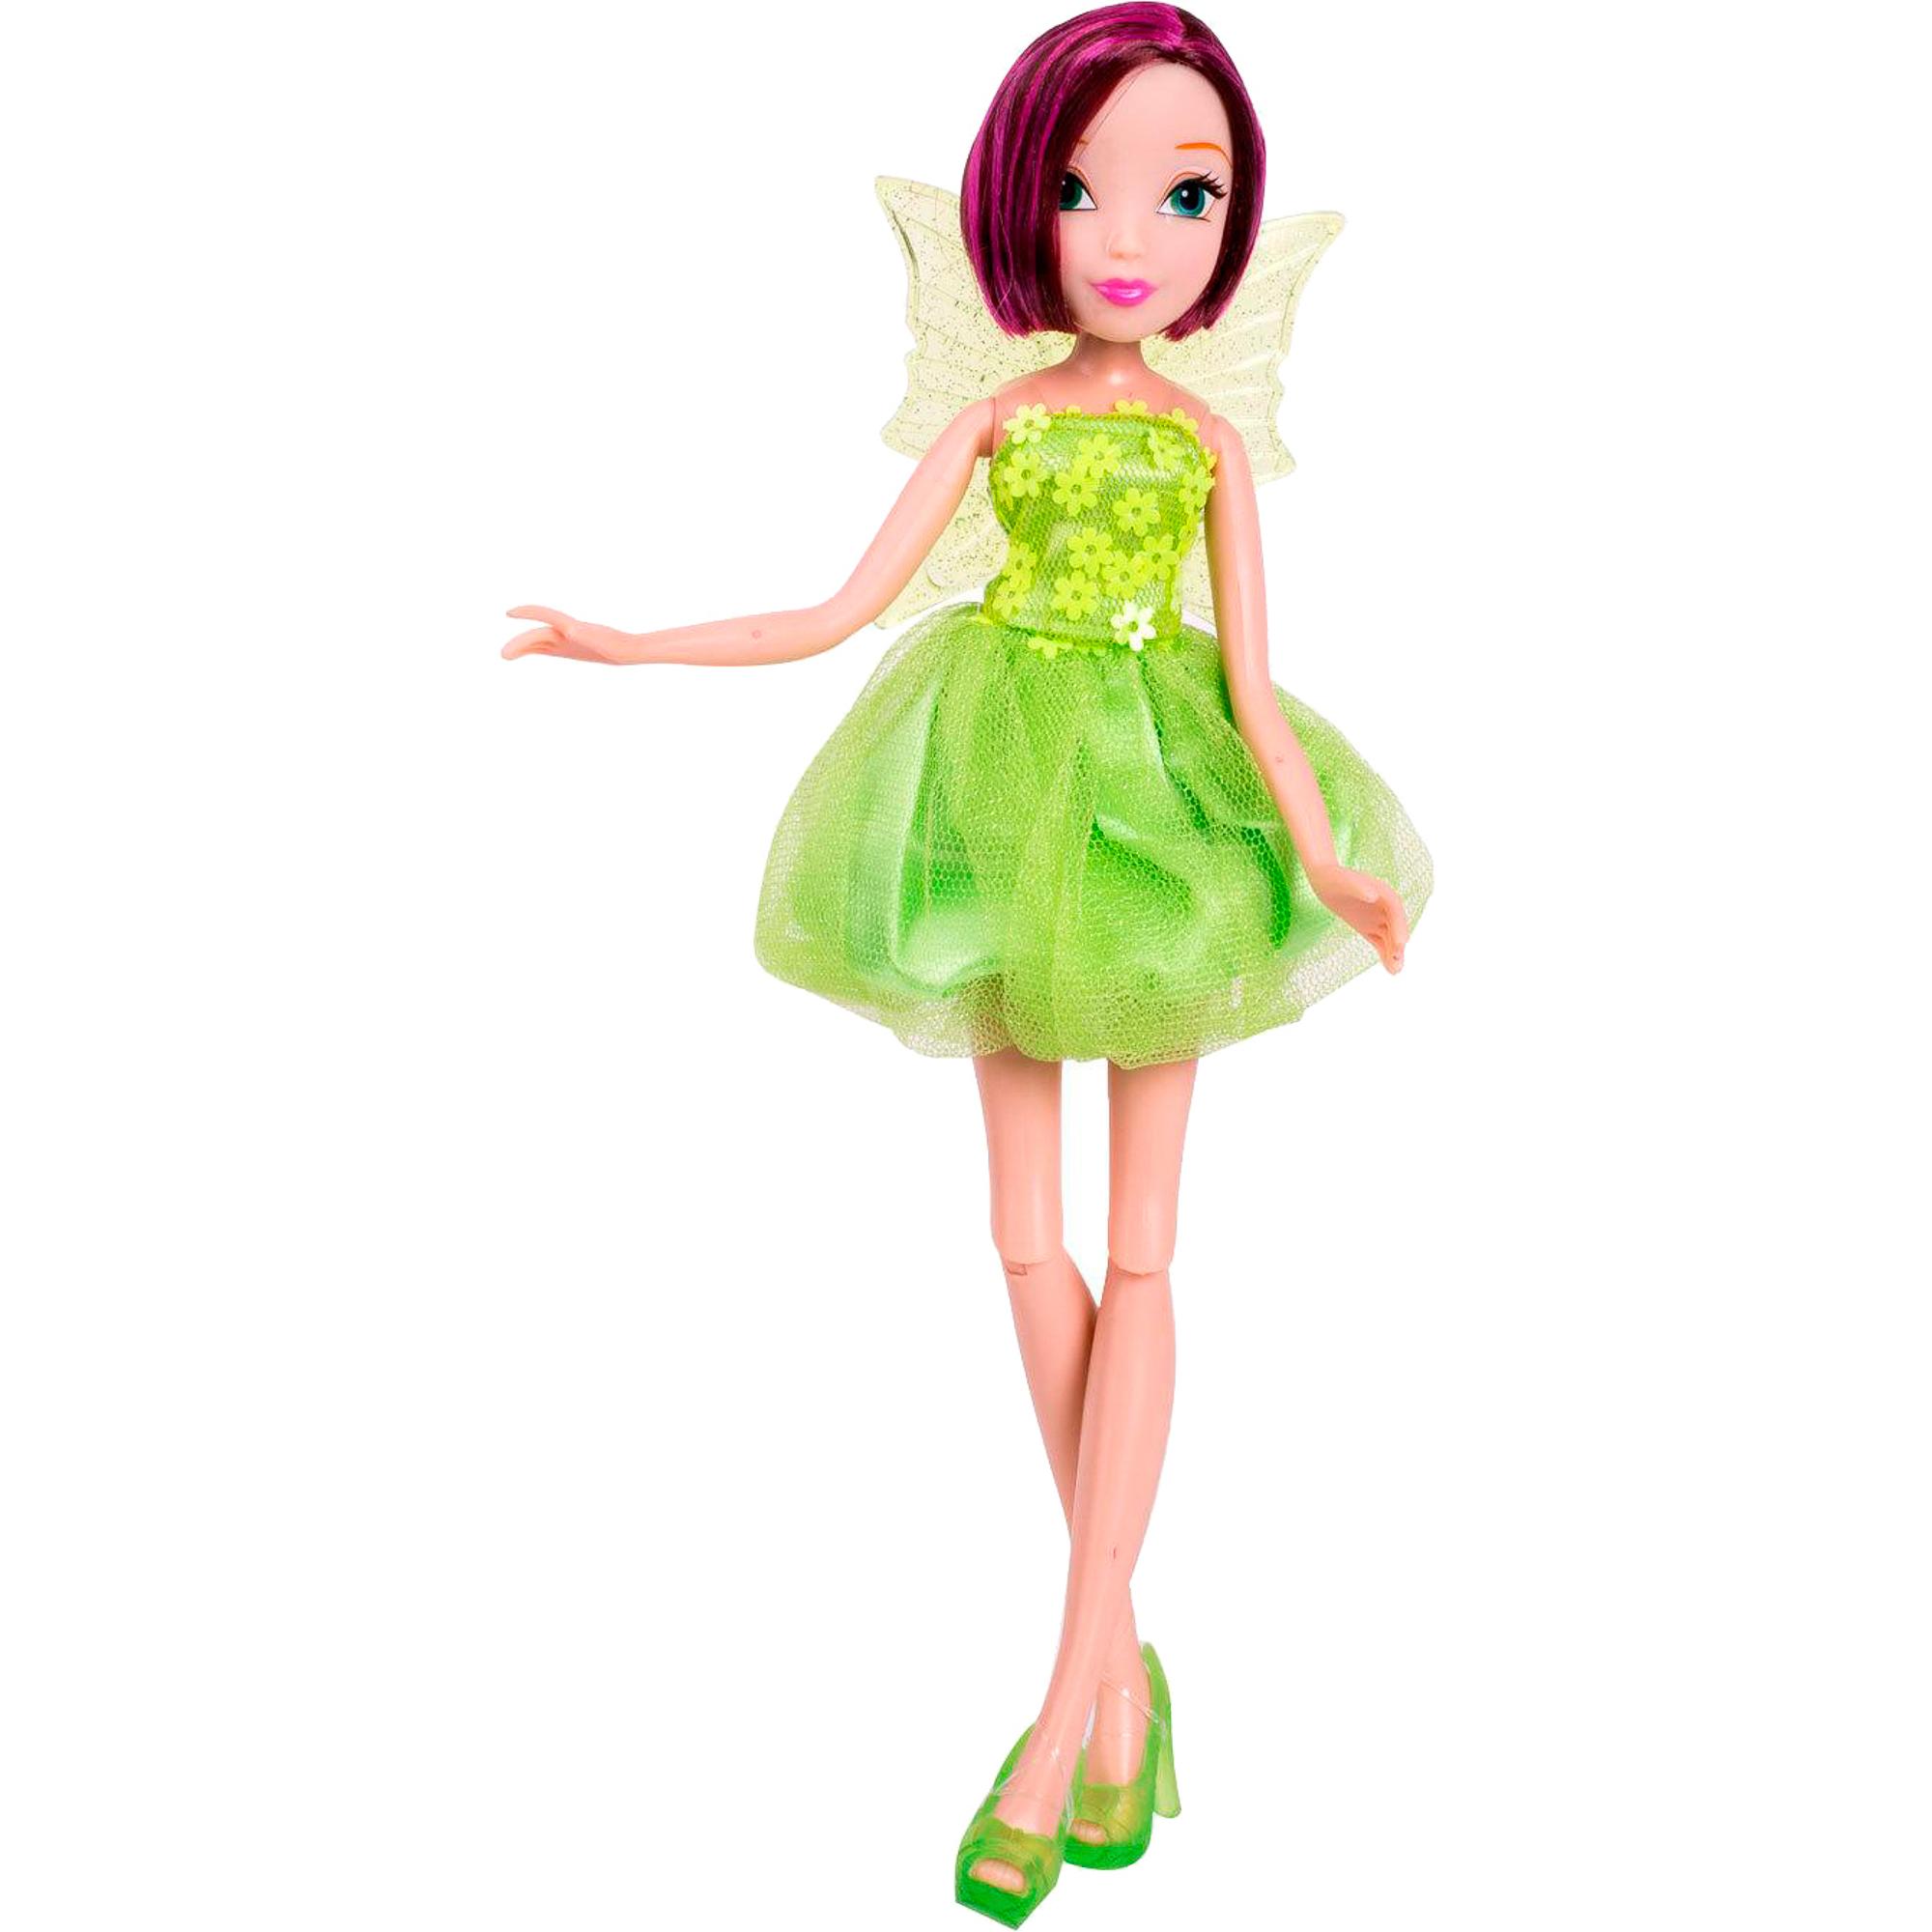 Кукла Winx Club Бон Бон Техна 28 см кукла winx club бон бон флора iw01641802